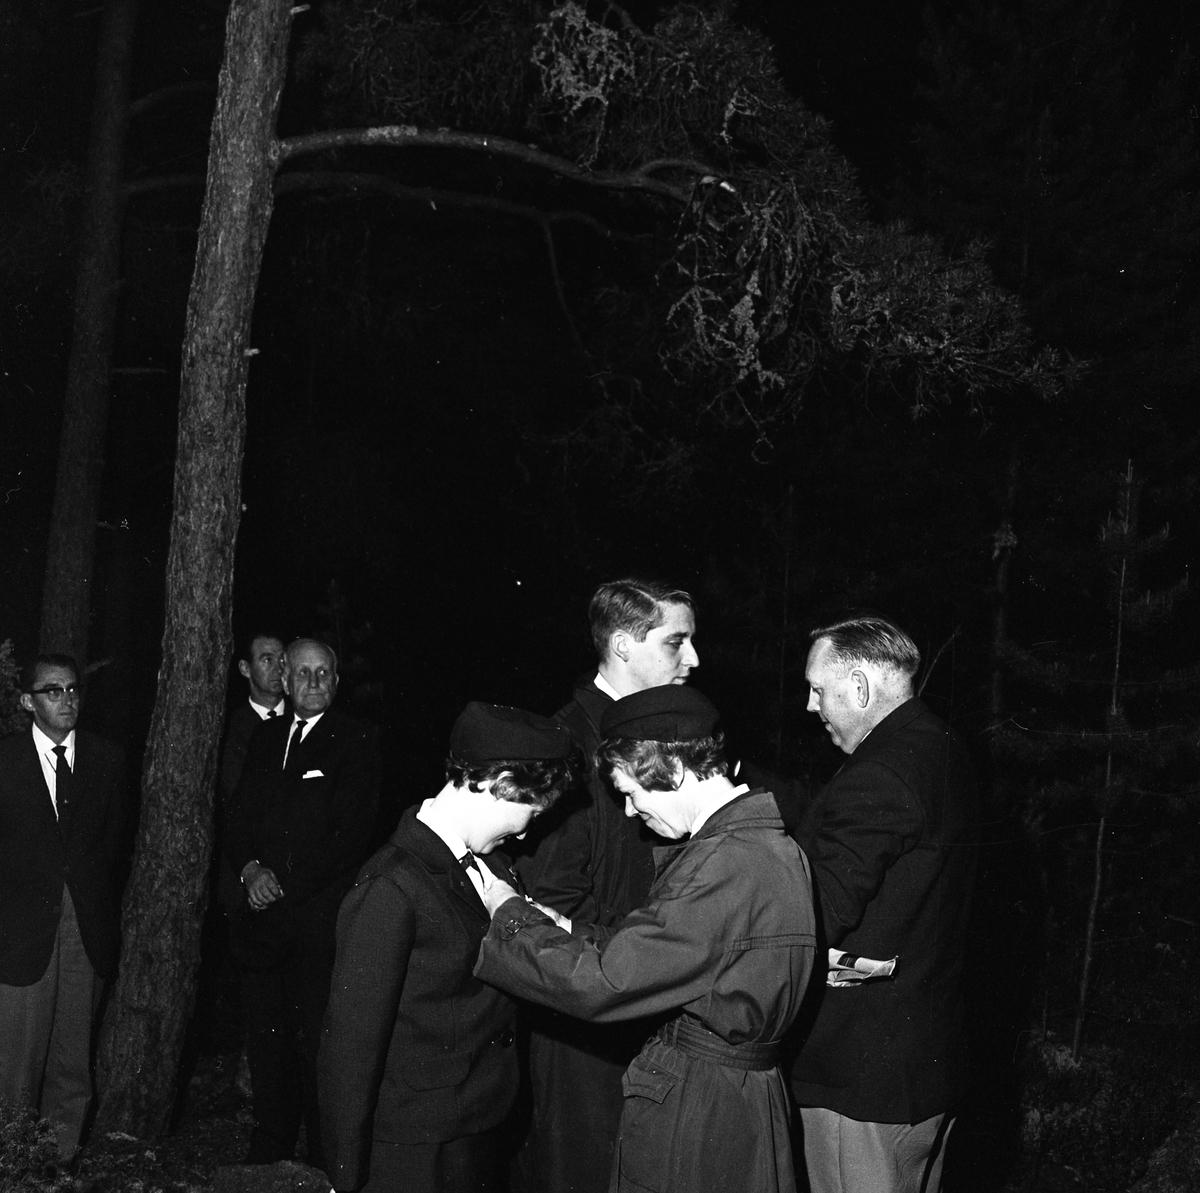 """Belöning till scouter. En kvinna fäster något på rockslaget på en annan kvinna. Tre herrar i slips och kostym tittar på, den tredje från vänster är Harald """"Hajan"""" Larsson. De befinner sig i skogen och det är kväll."""